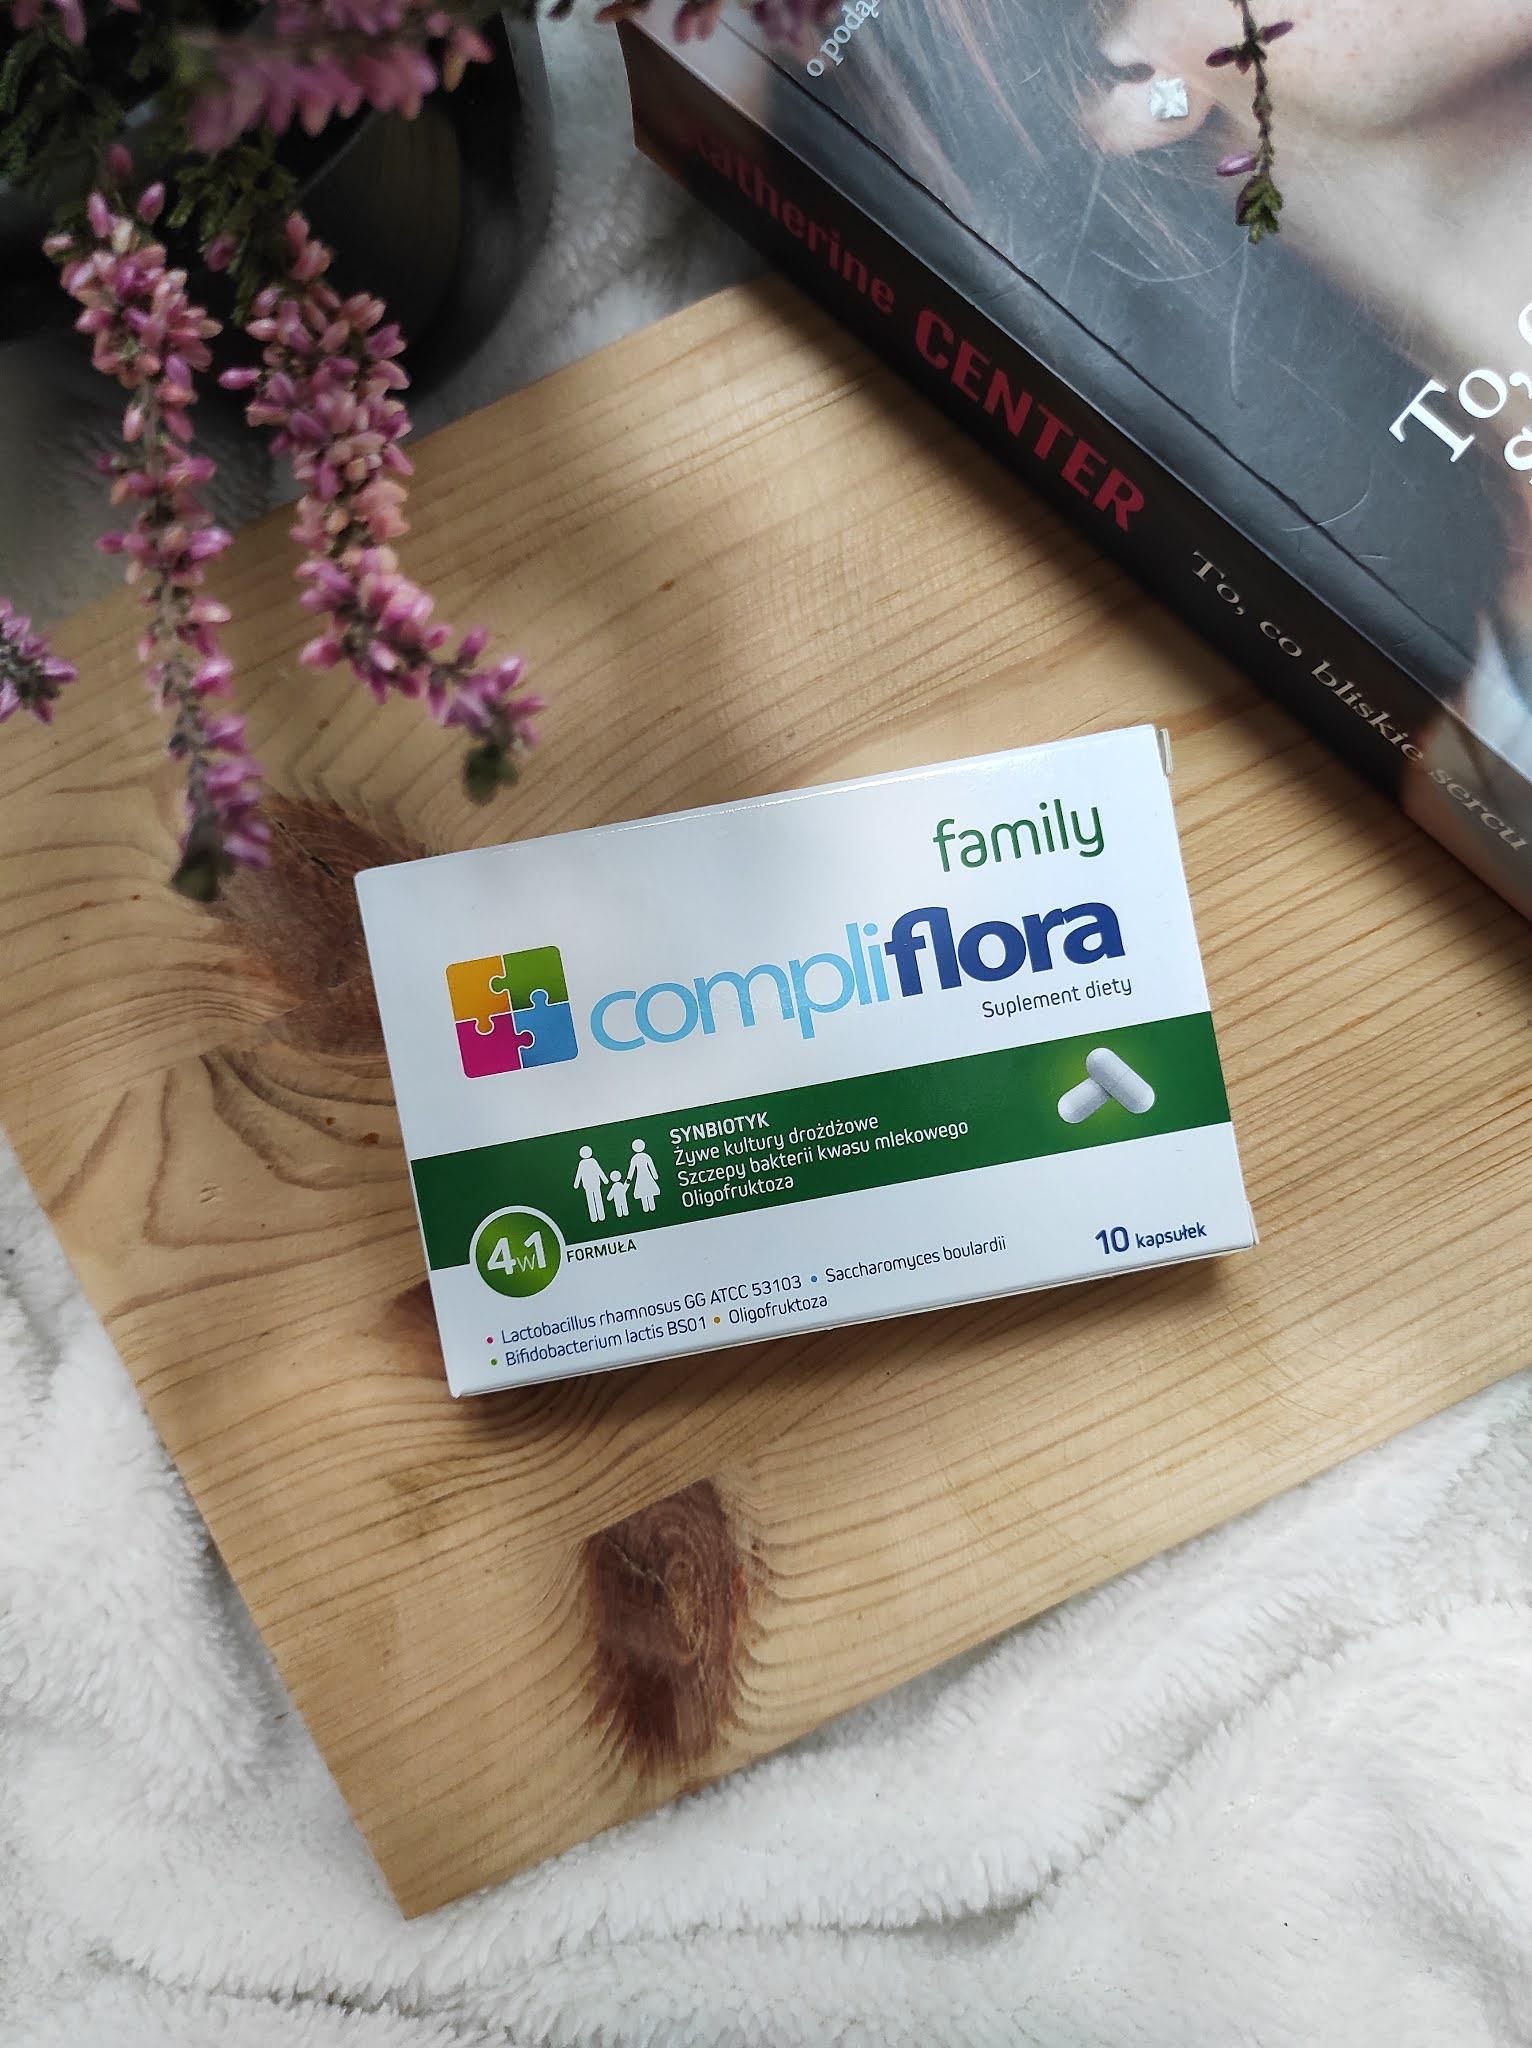 Compliflora family